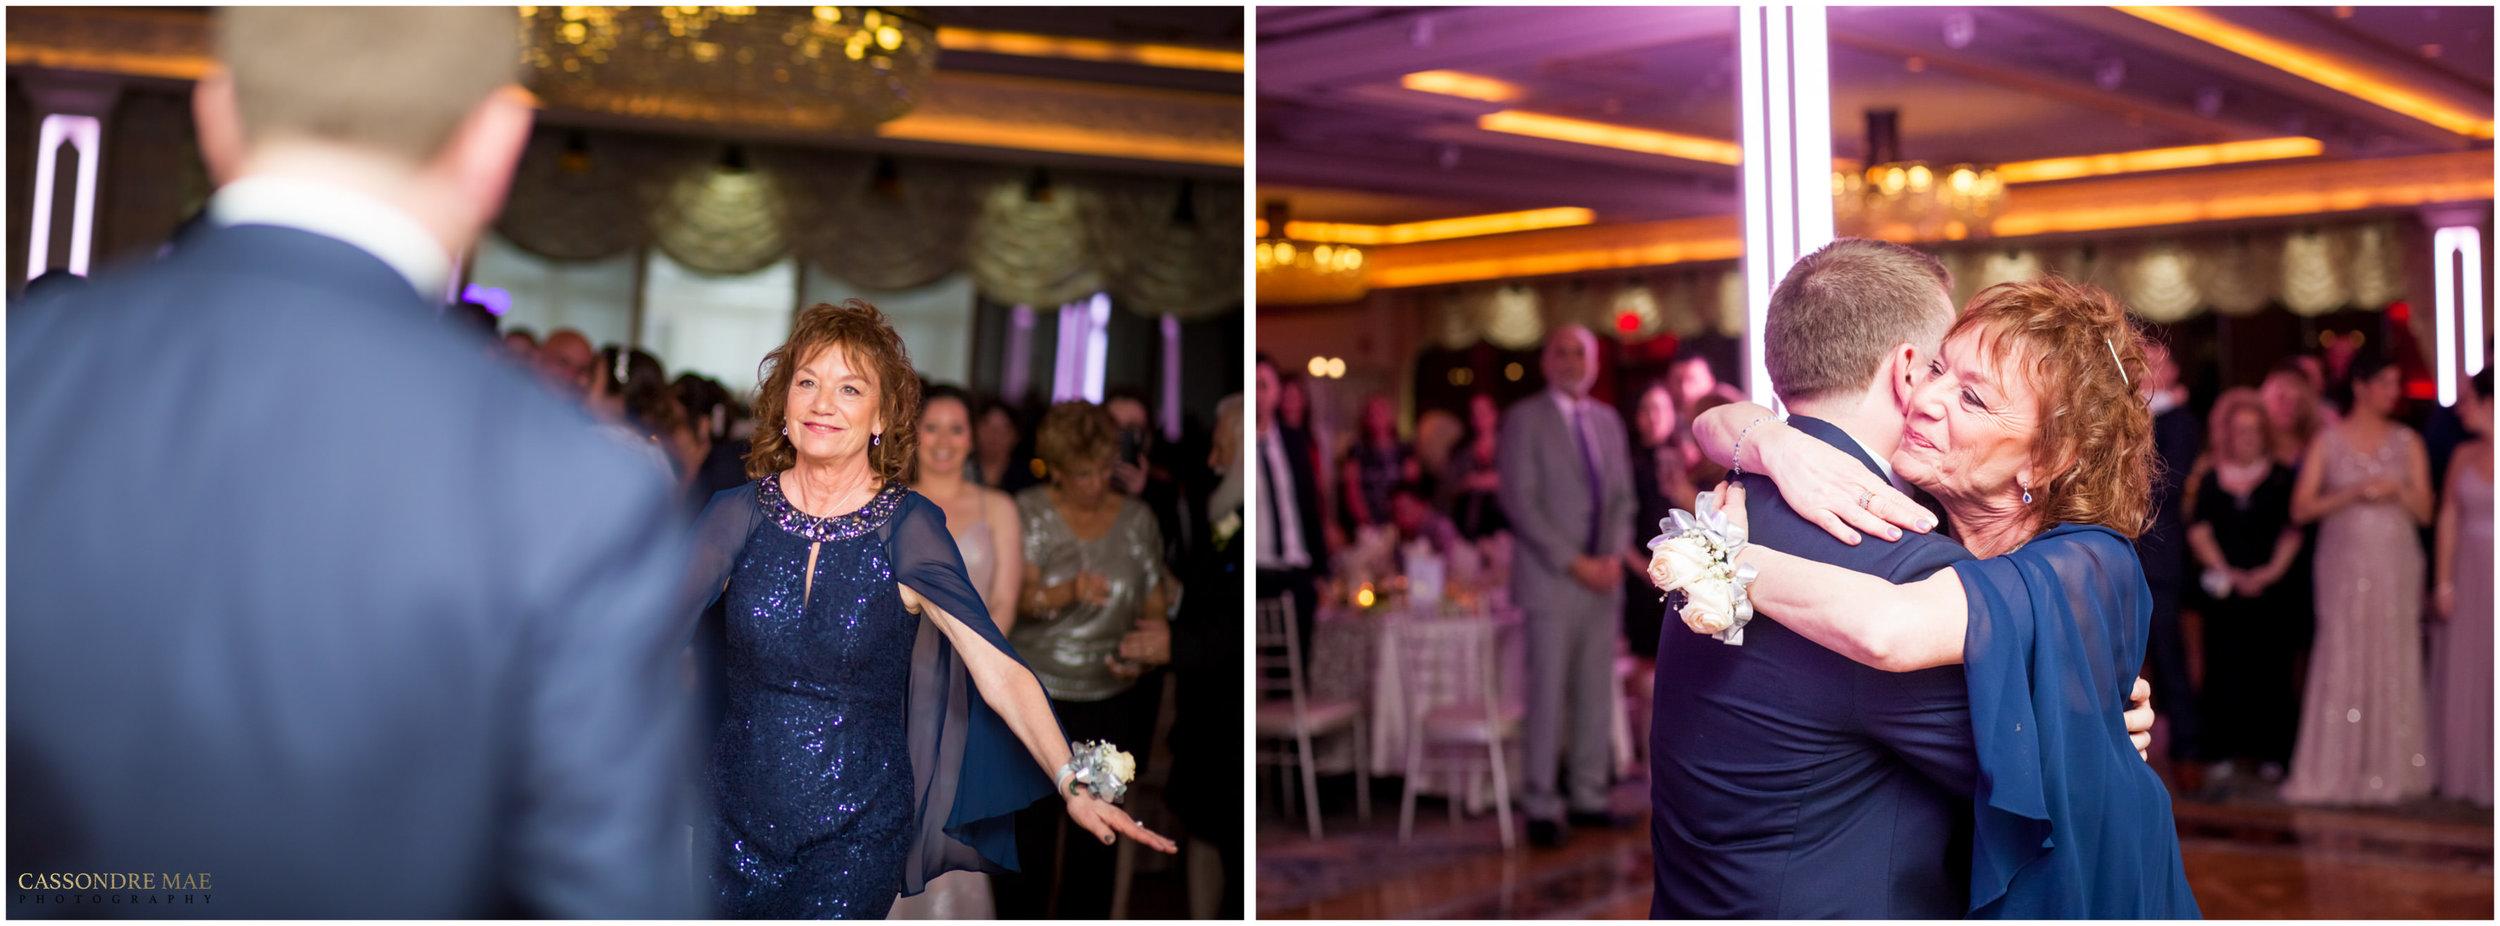 Cassondre Mae Photography Marina Del Ray Weddings 4.jpg